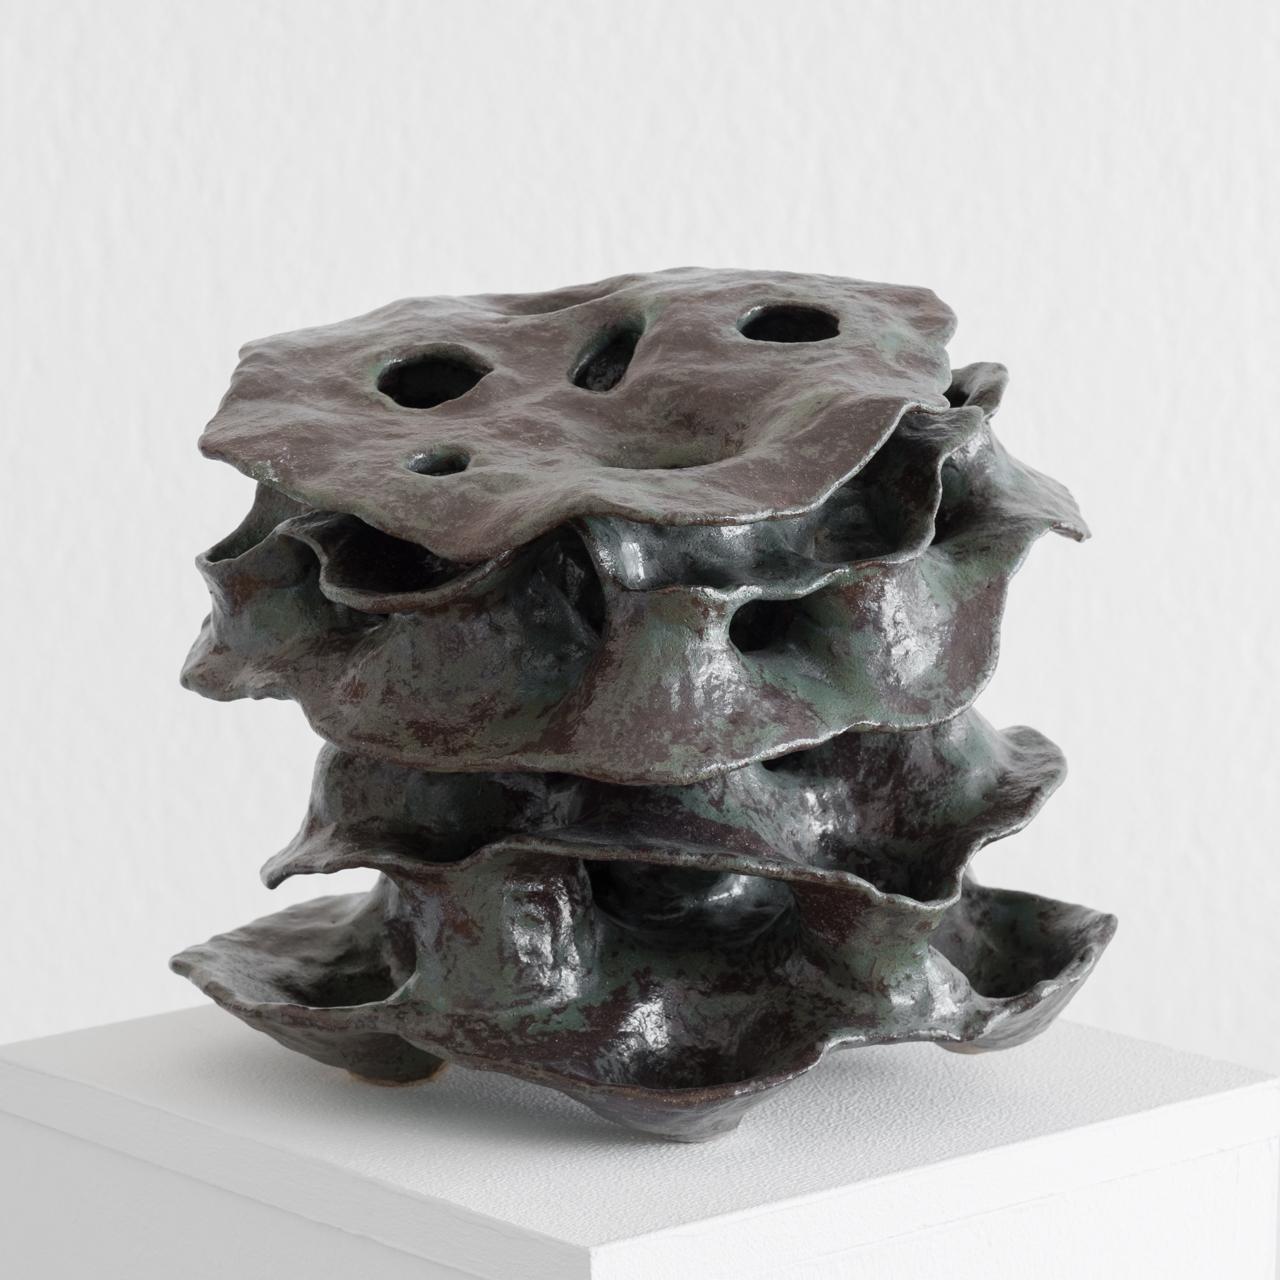 Skulptur Porifera im Atelier kunstpunkt-bern von Judith Kaffka